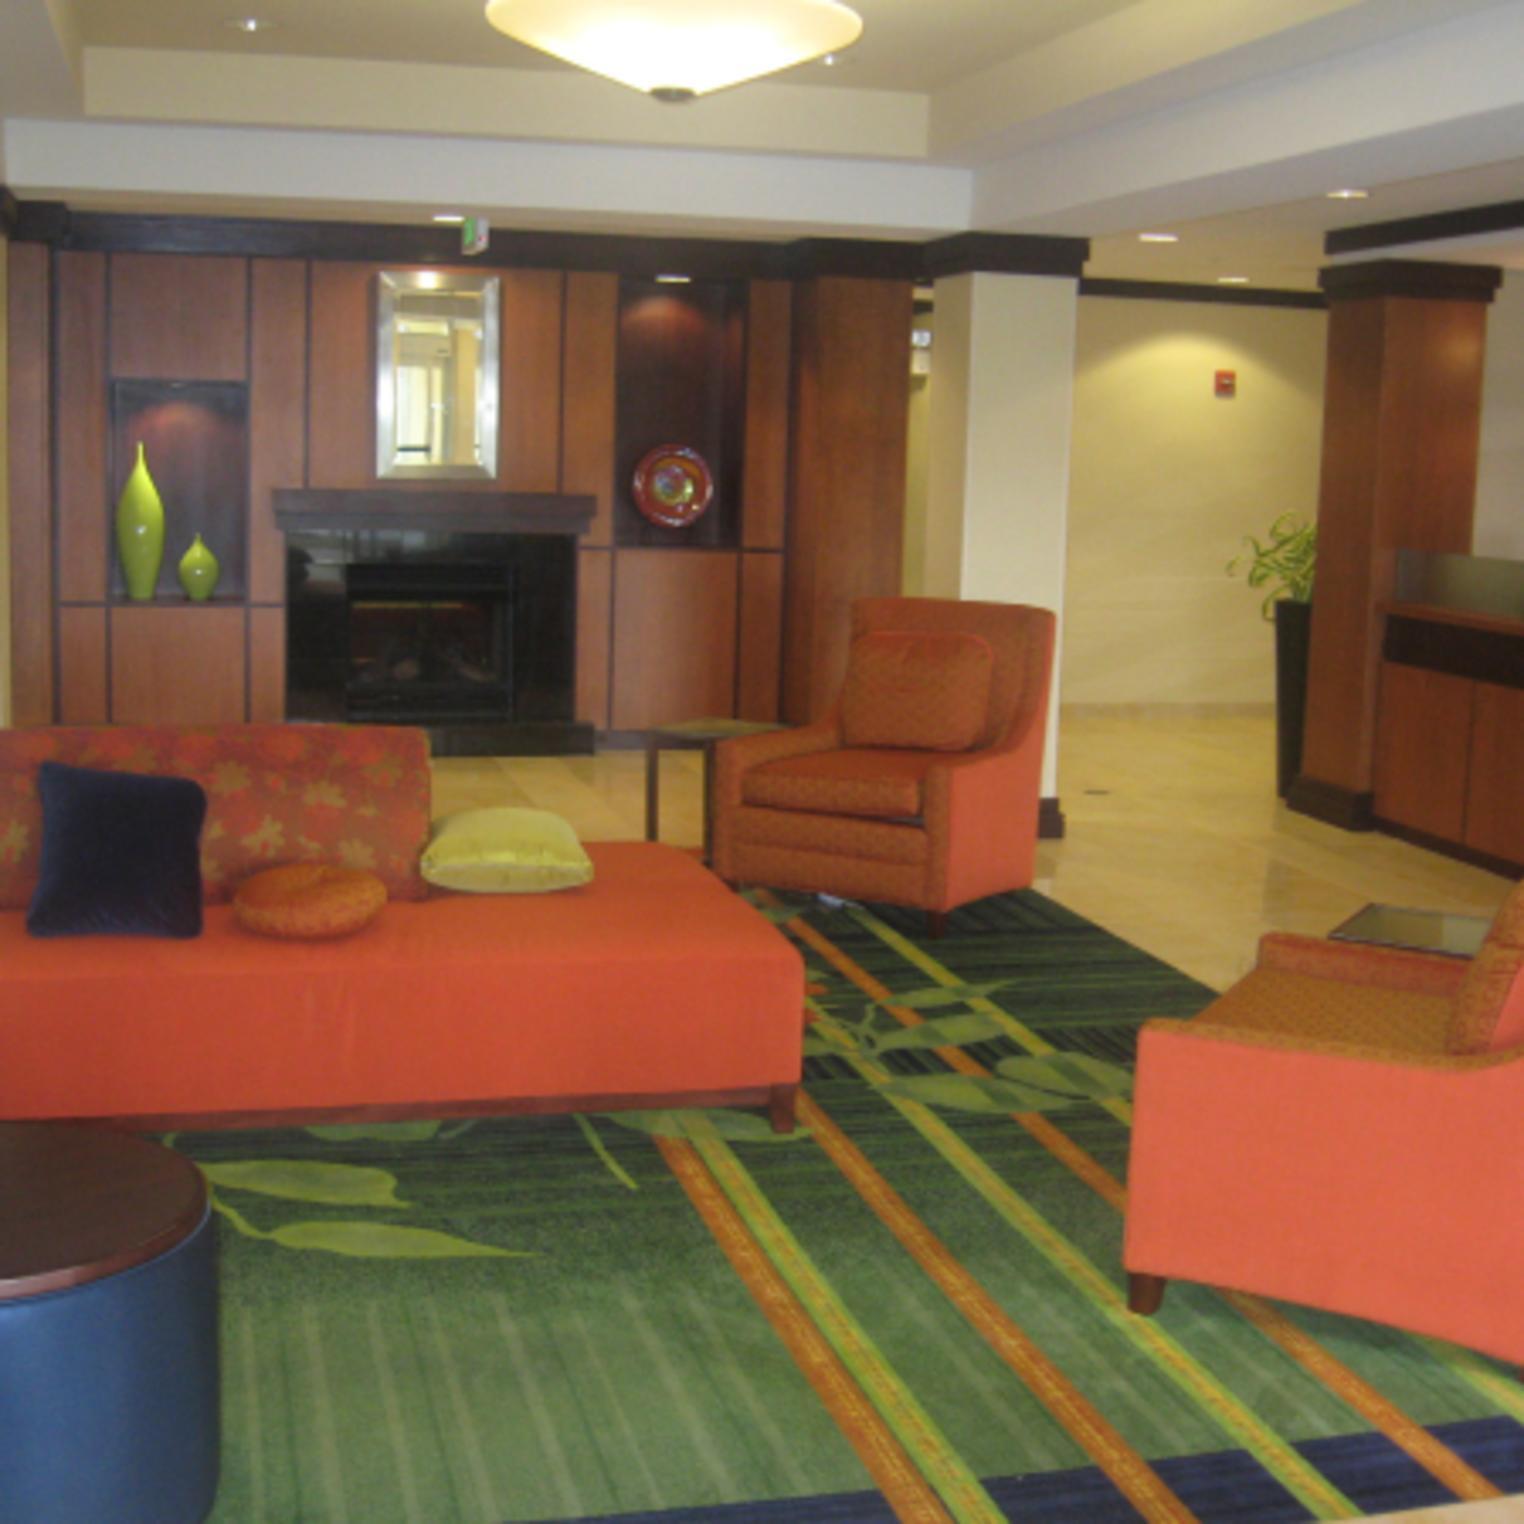 Fairfield Inn & Suites Carlisle lobby area